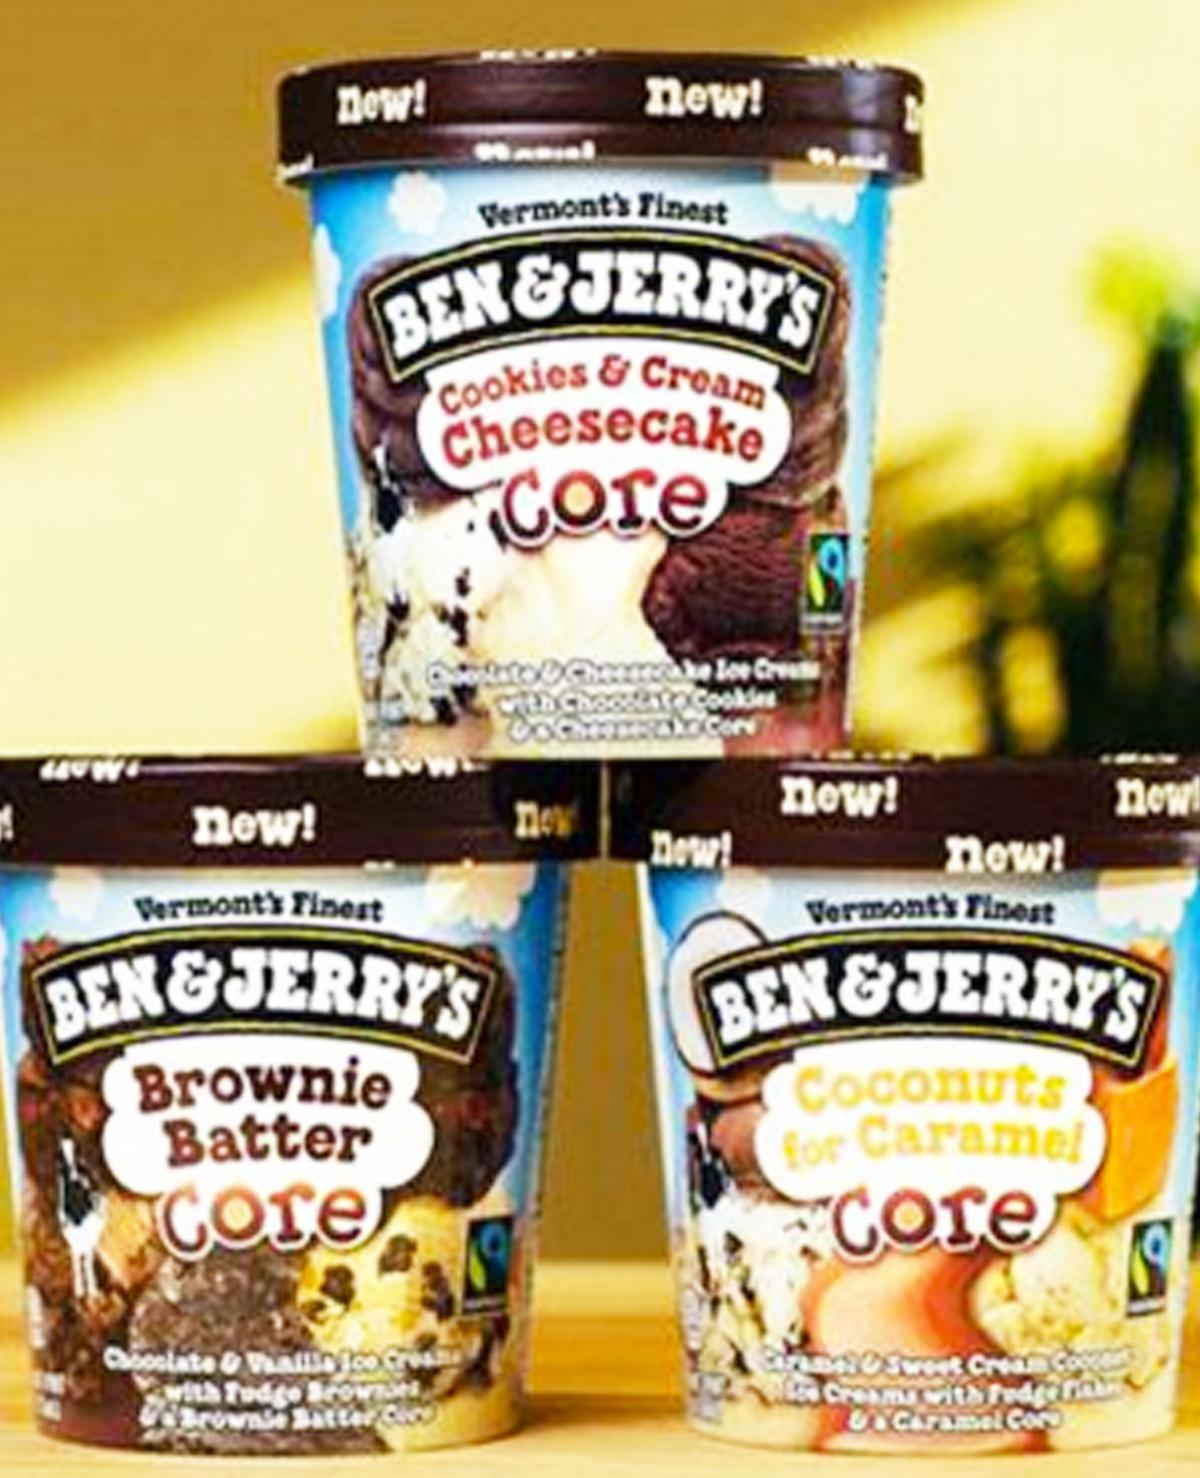 YES: Ben & Jerry's brengt 3 nieuwe smaken op de markt!